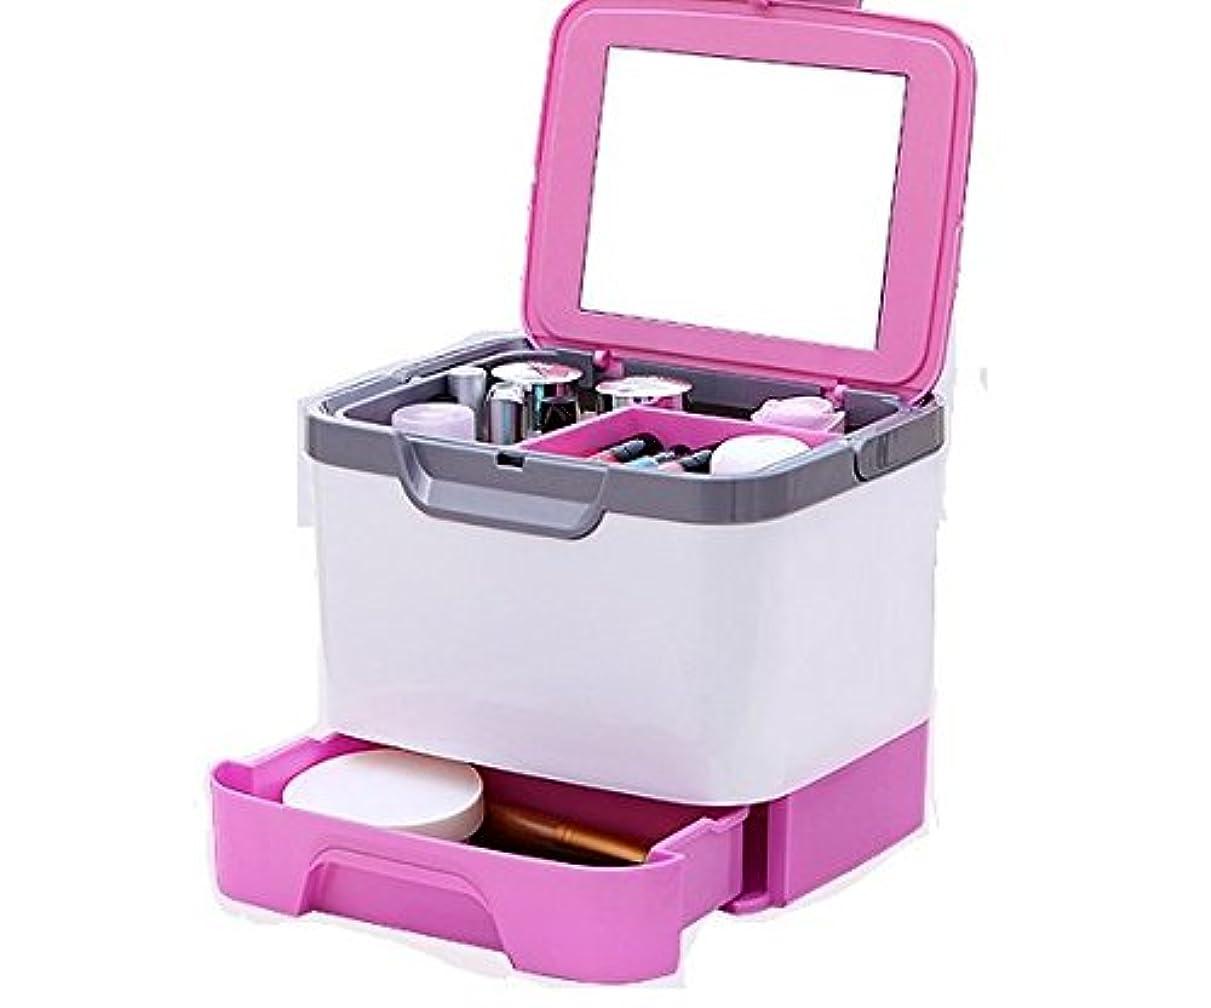 クラシカル和シャットメイクボックス 大容量 かわいい 鏡付き プロも納得 コスメの収納に (ピンク、ブルー、グリーン)